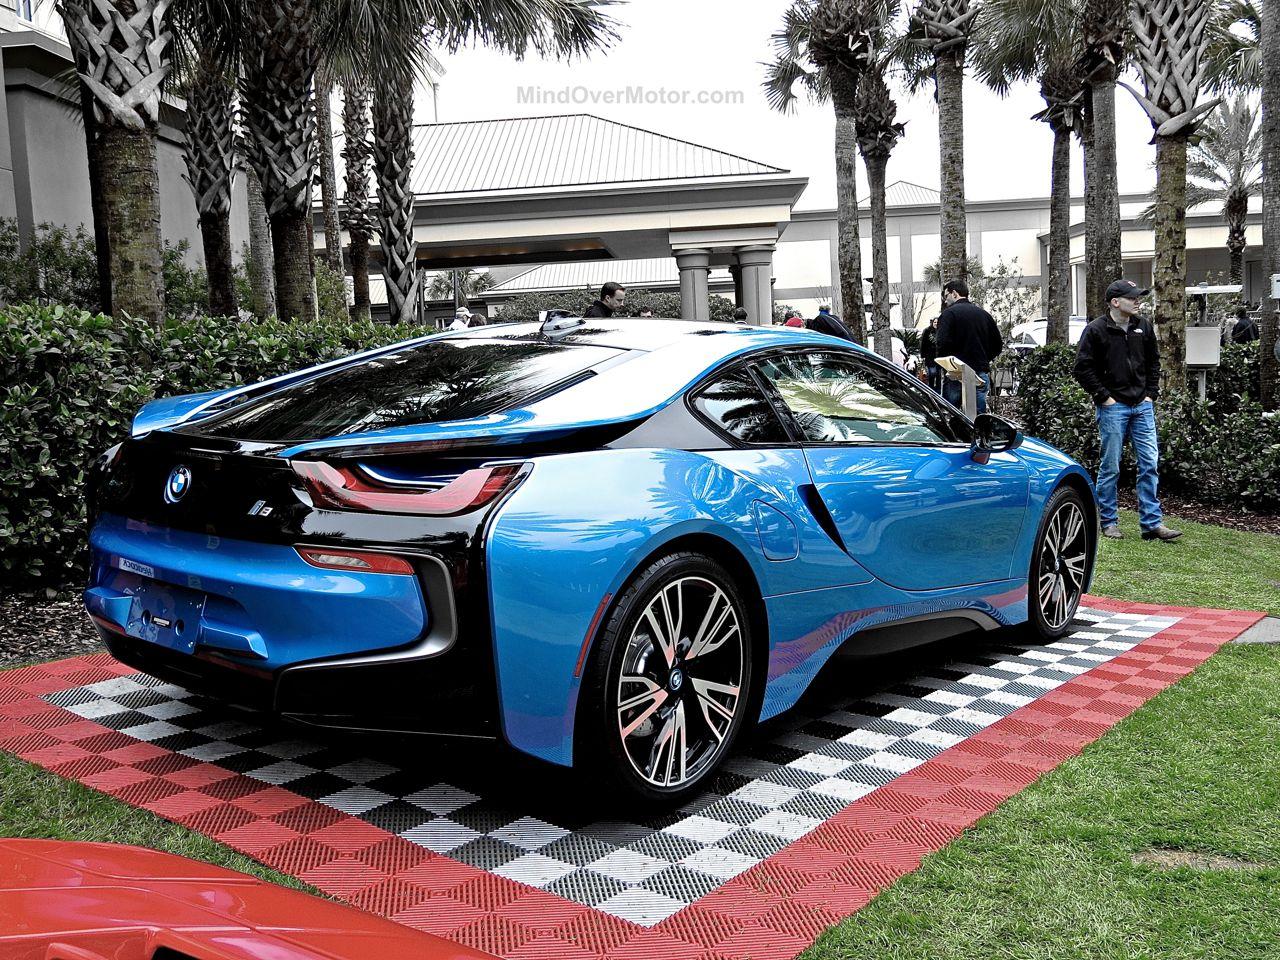 BMW i8 Amelia Island 4